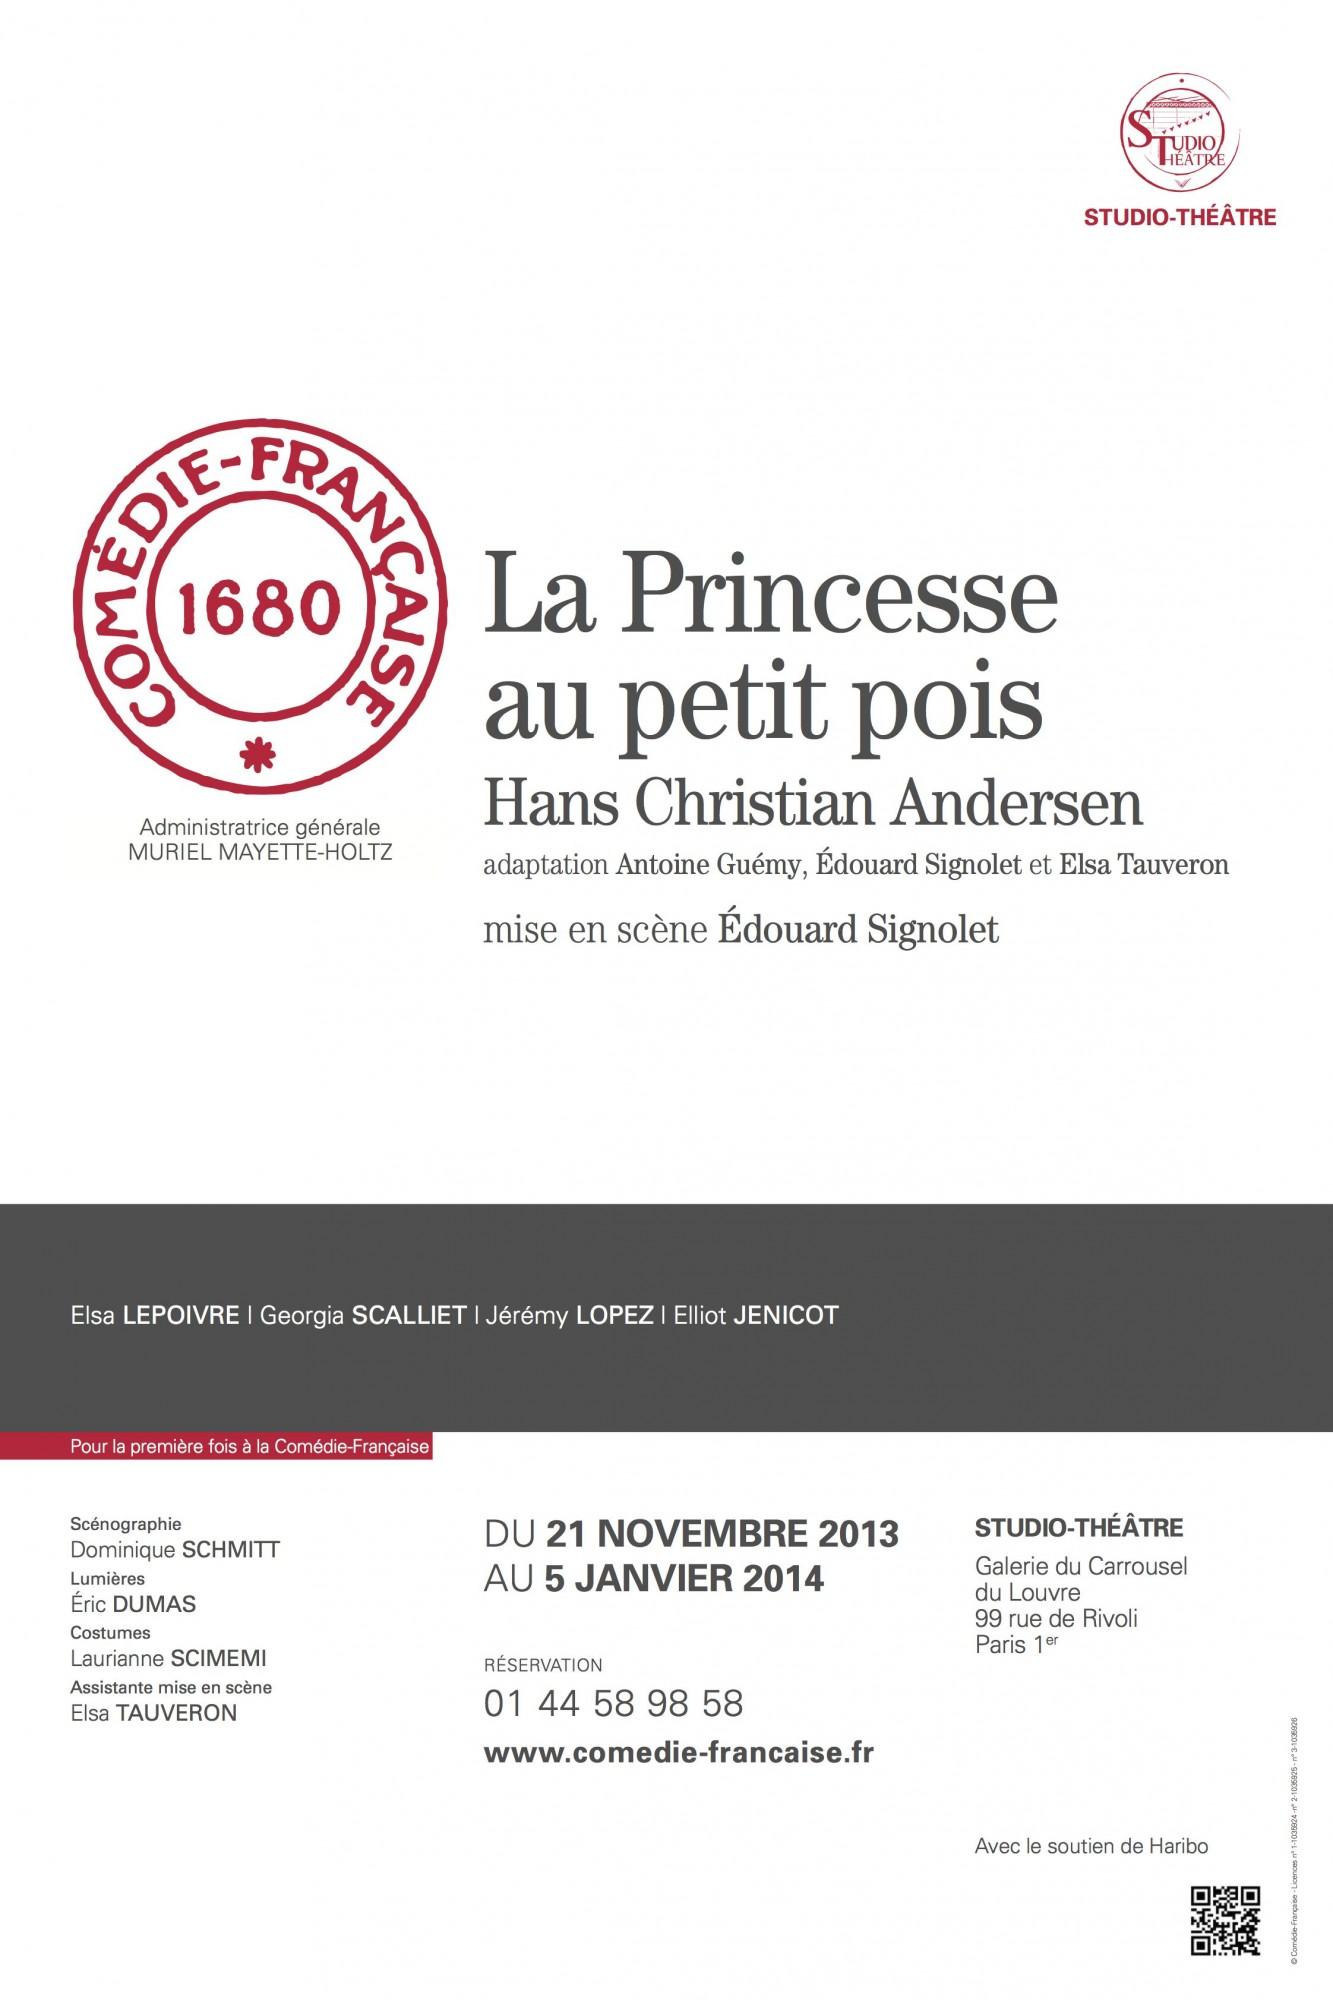 Affiche Princesse au petit pois - Comédie Française